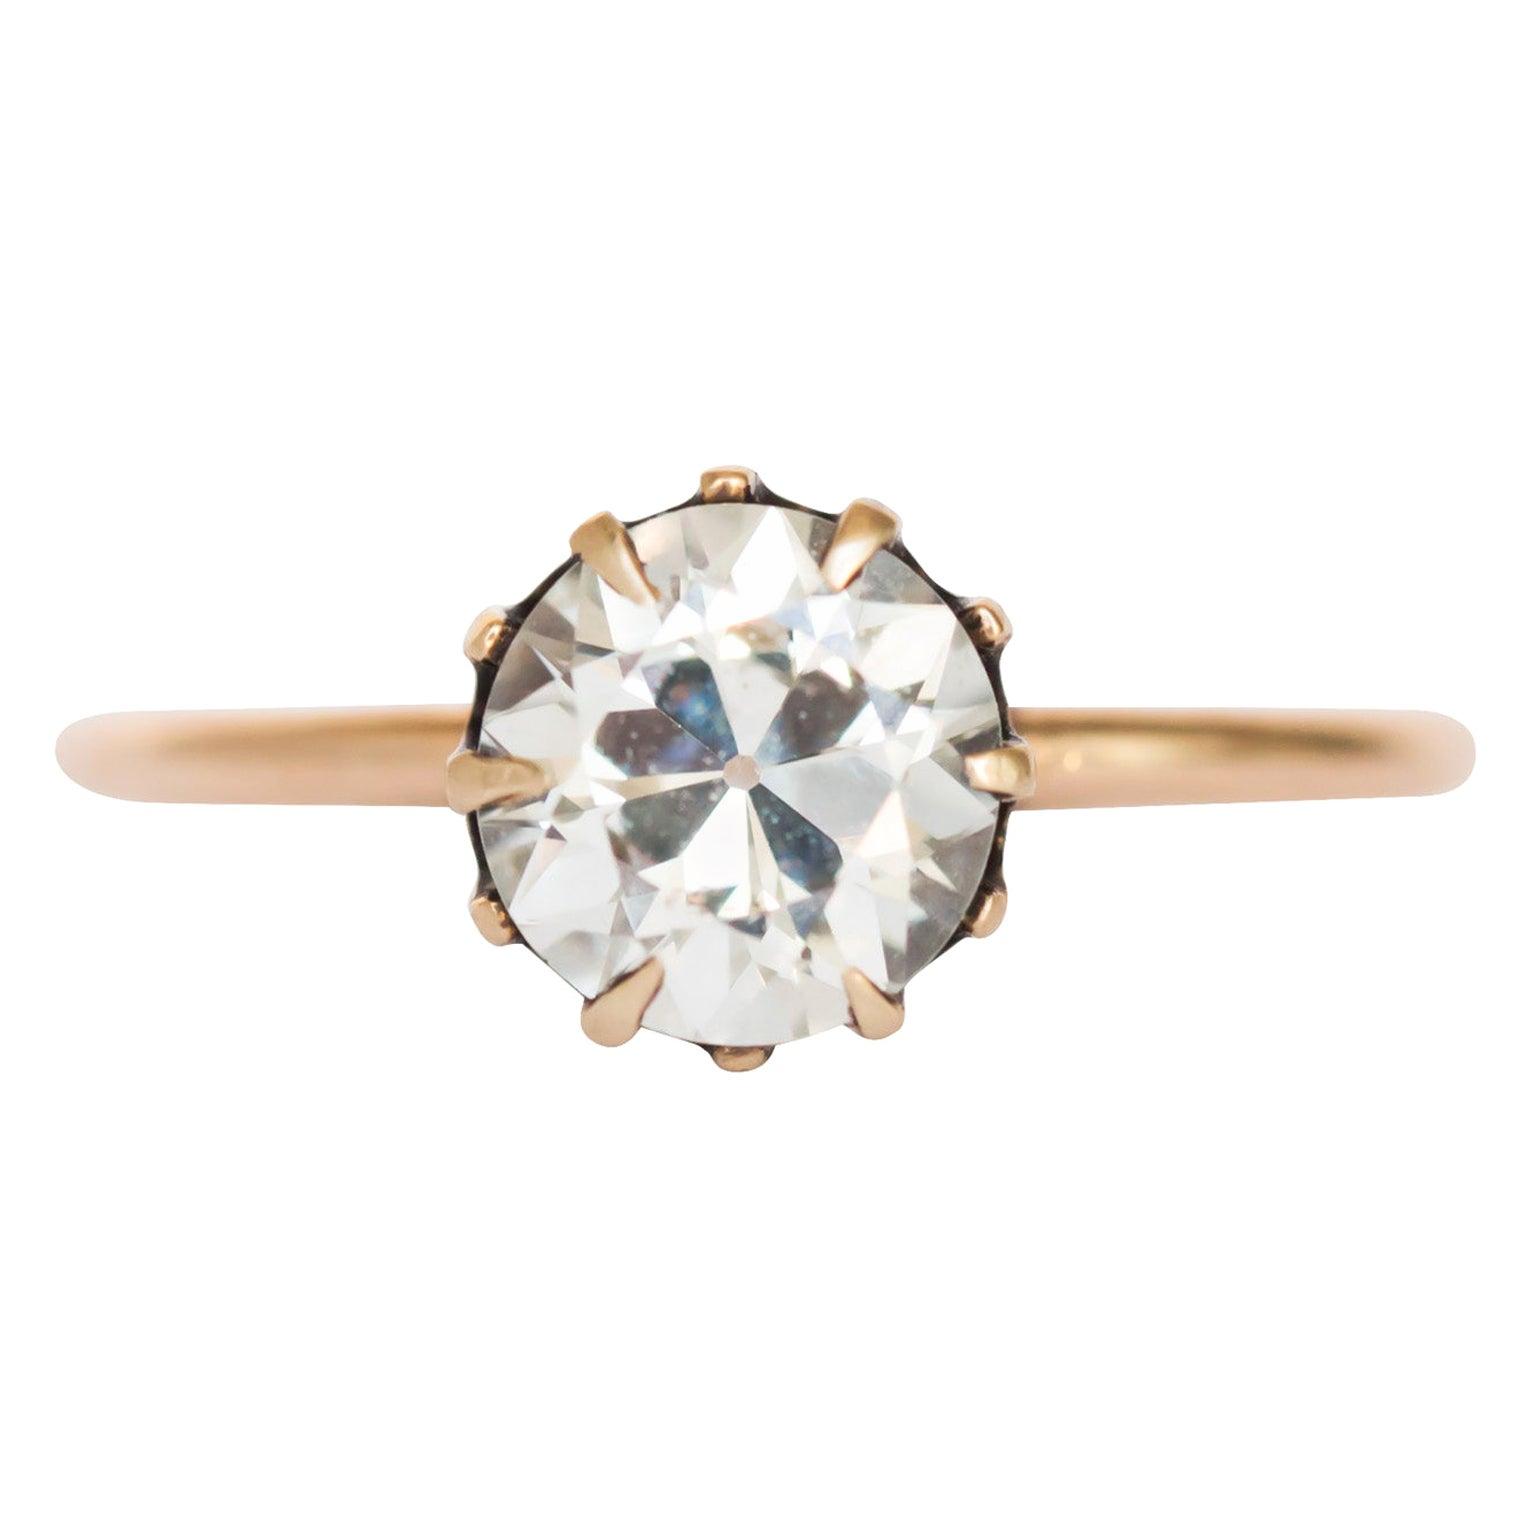 GIA Certified 1.08 Carat Diamond Yellow Gold Engagement Ring